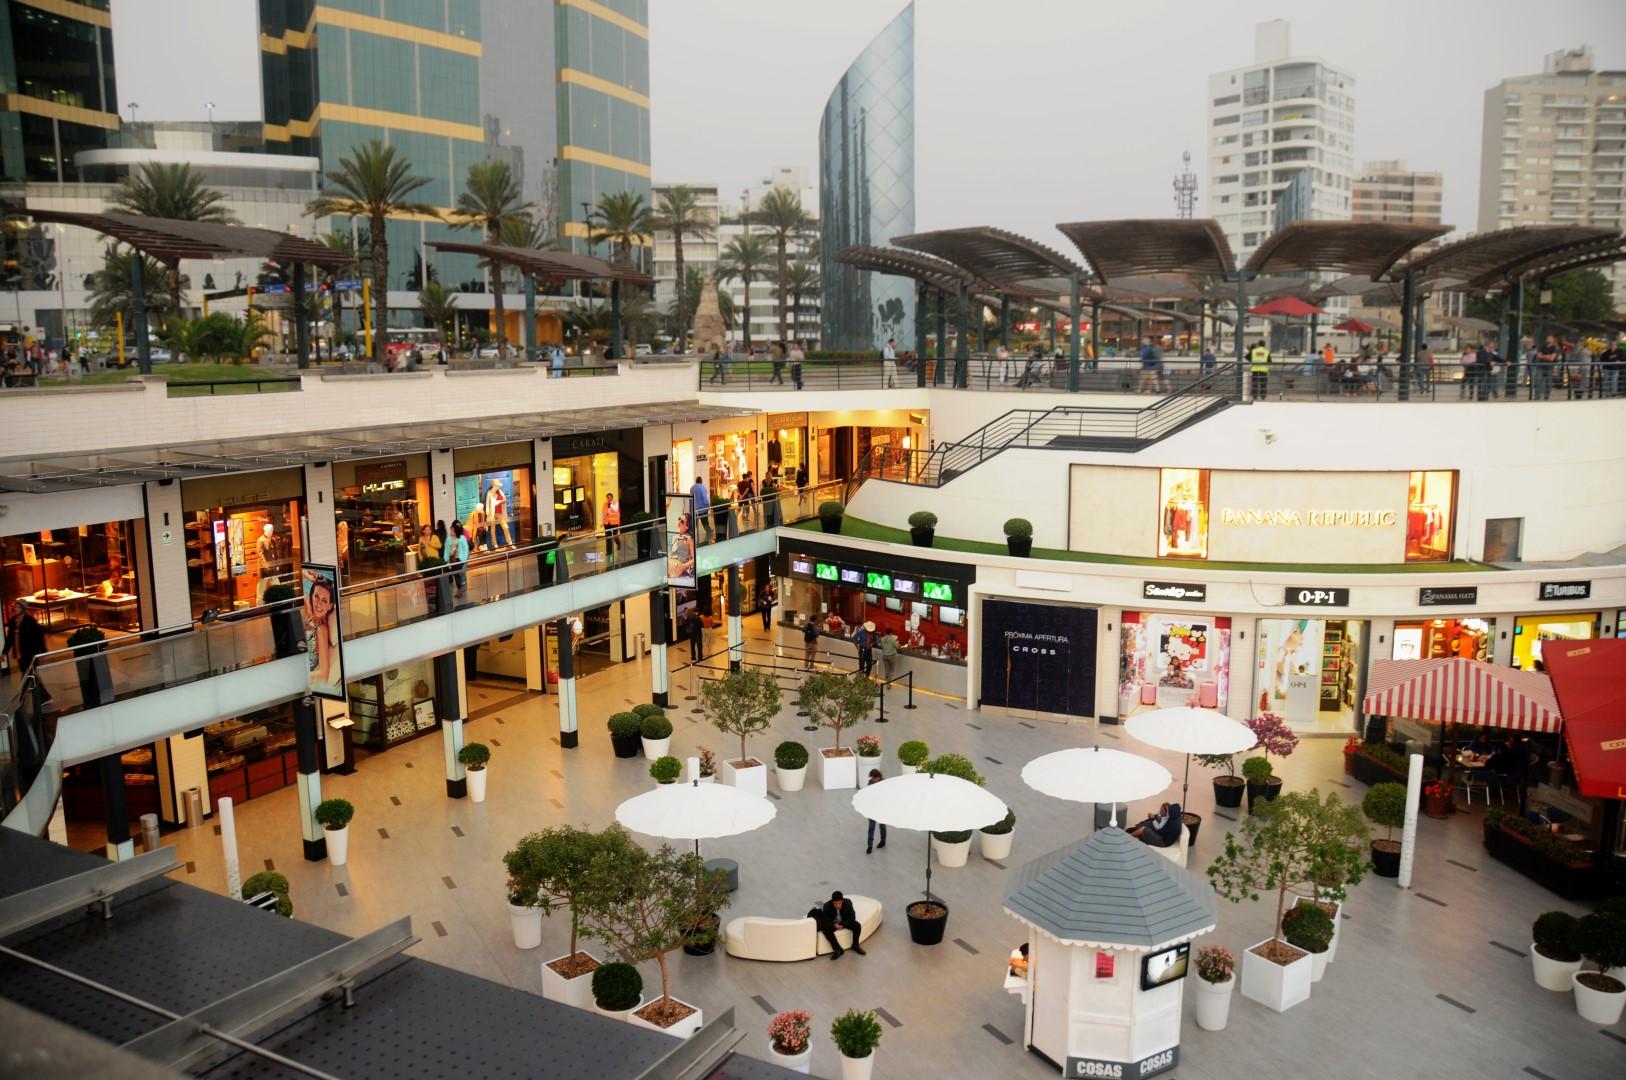 centros comerciales peru 2 - Sector retail y centros comerciales reactivan su crecimiento en el Perú